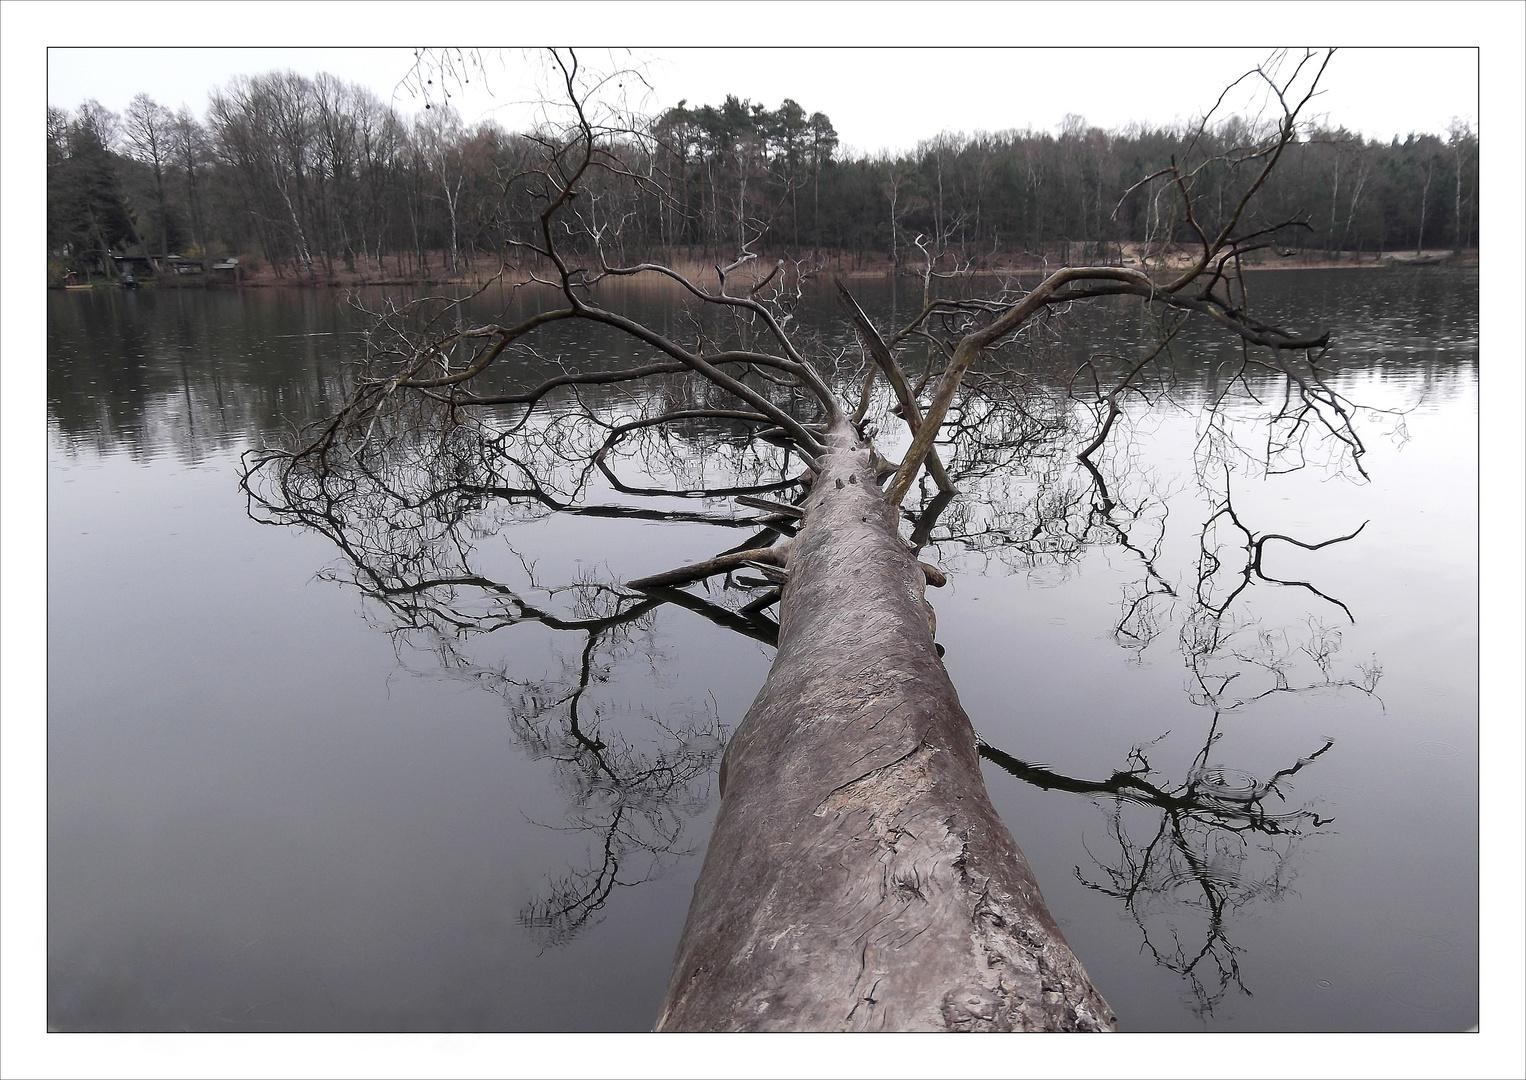 ...auch der See weint leise Tränen.......